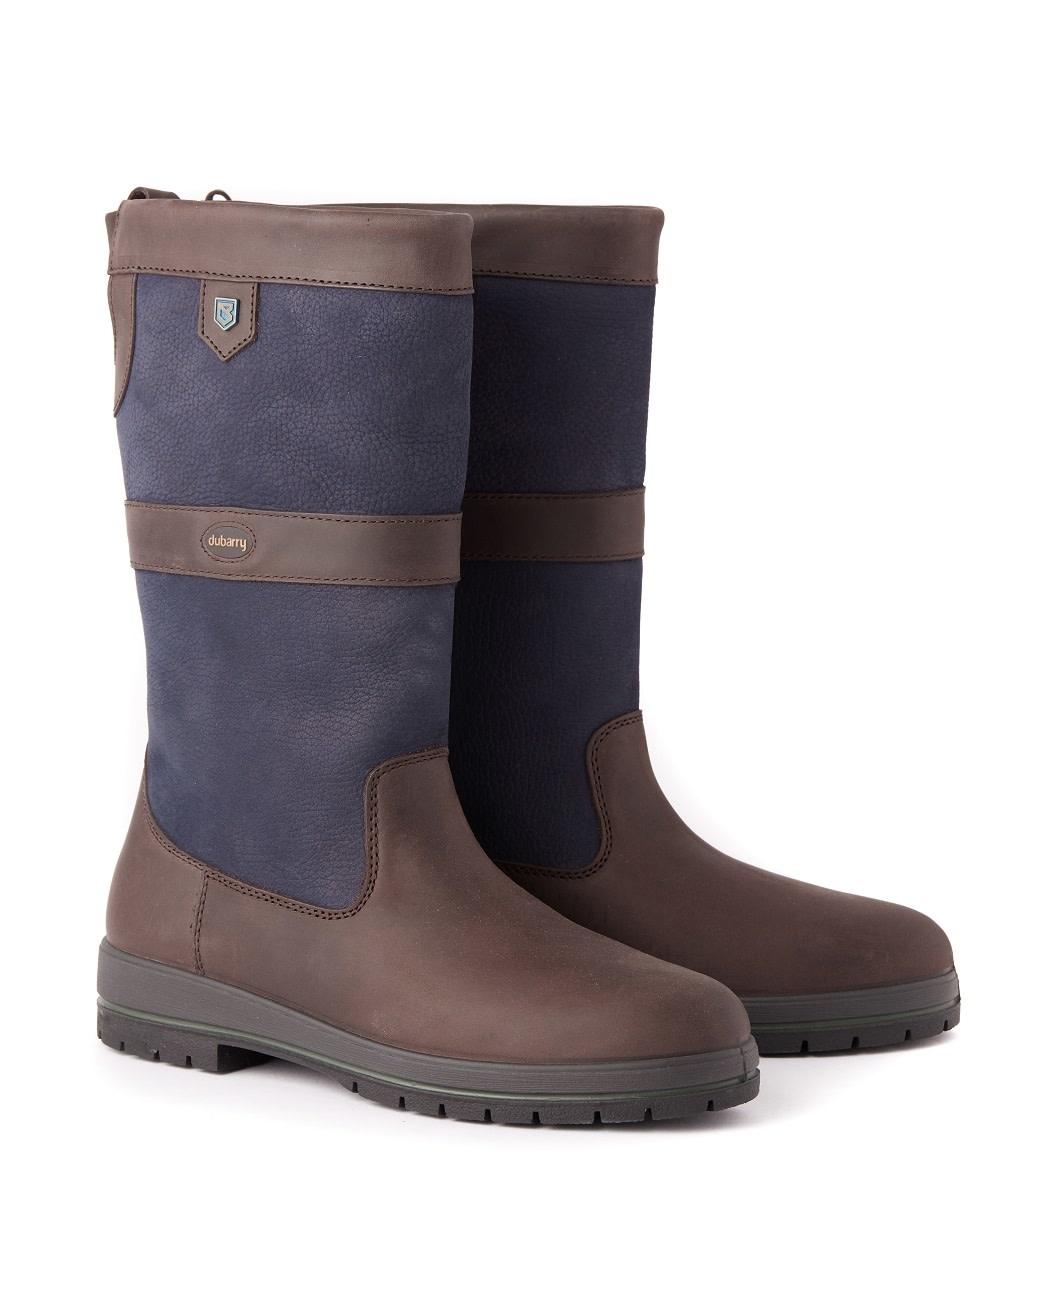 Dubarry Kildare outdoor laarzen - Navy/Brown-3